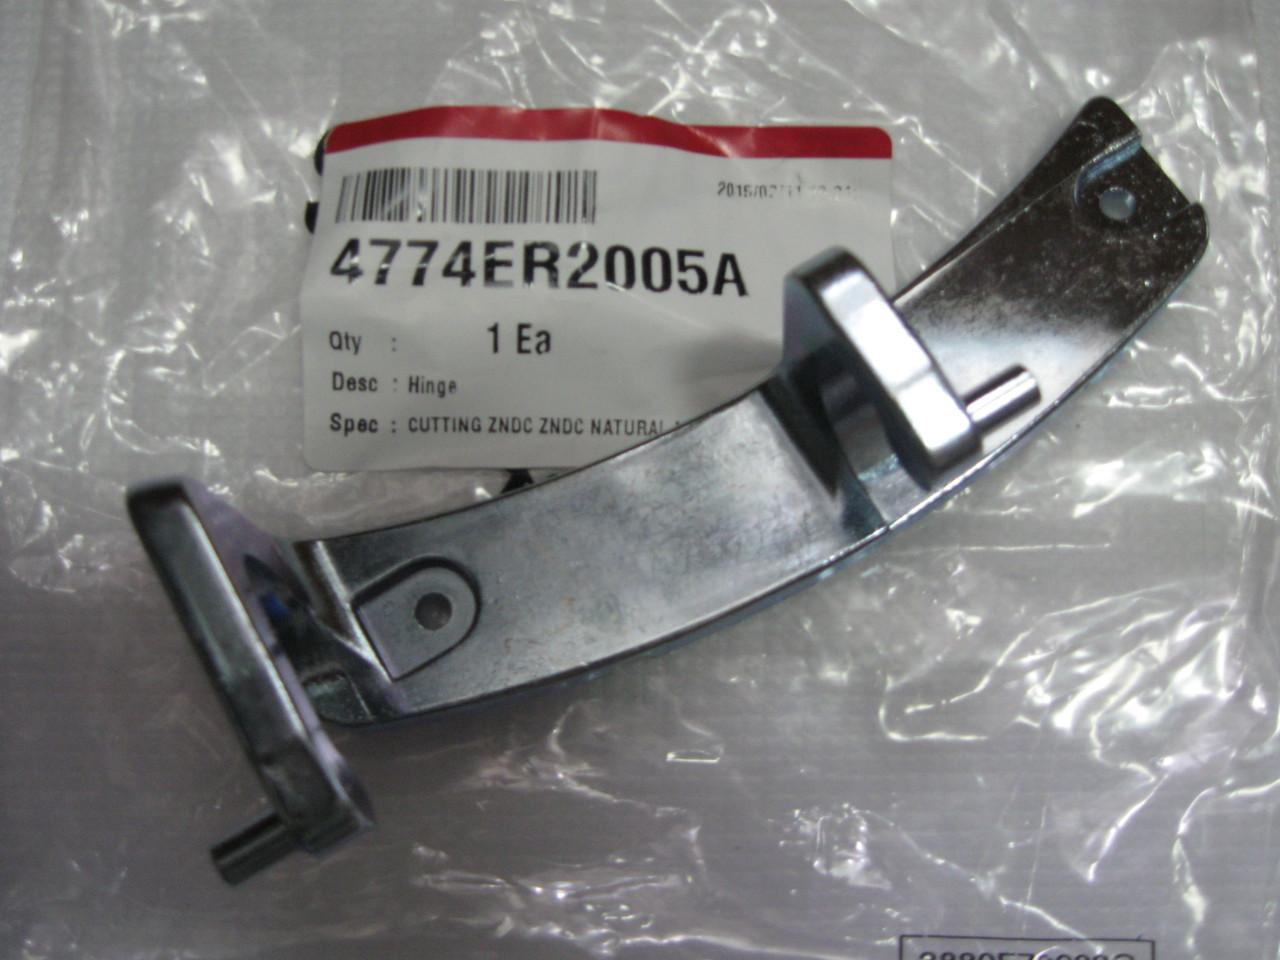 Петля люка LG 4774ER2005A